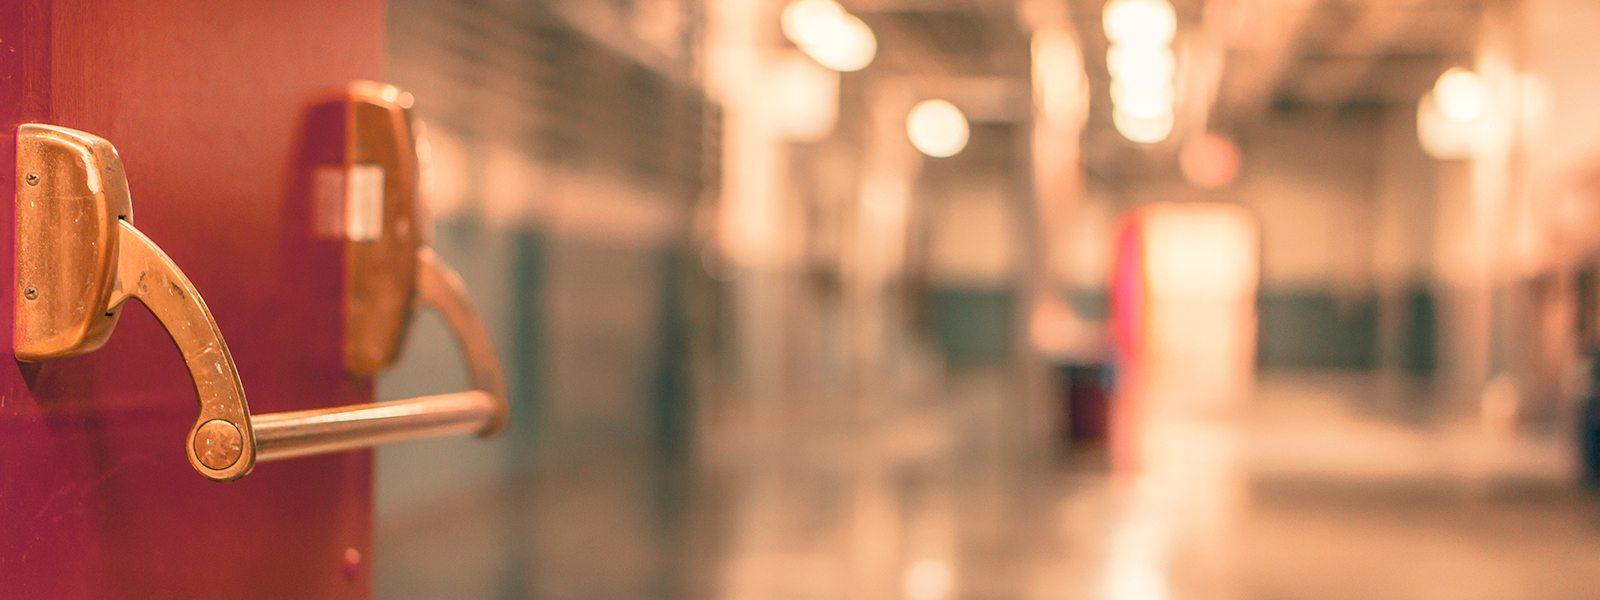 red-school-blur-factory-door-1600x600